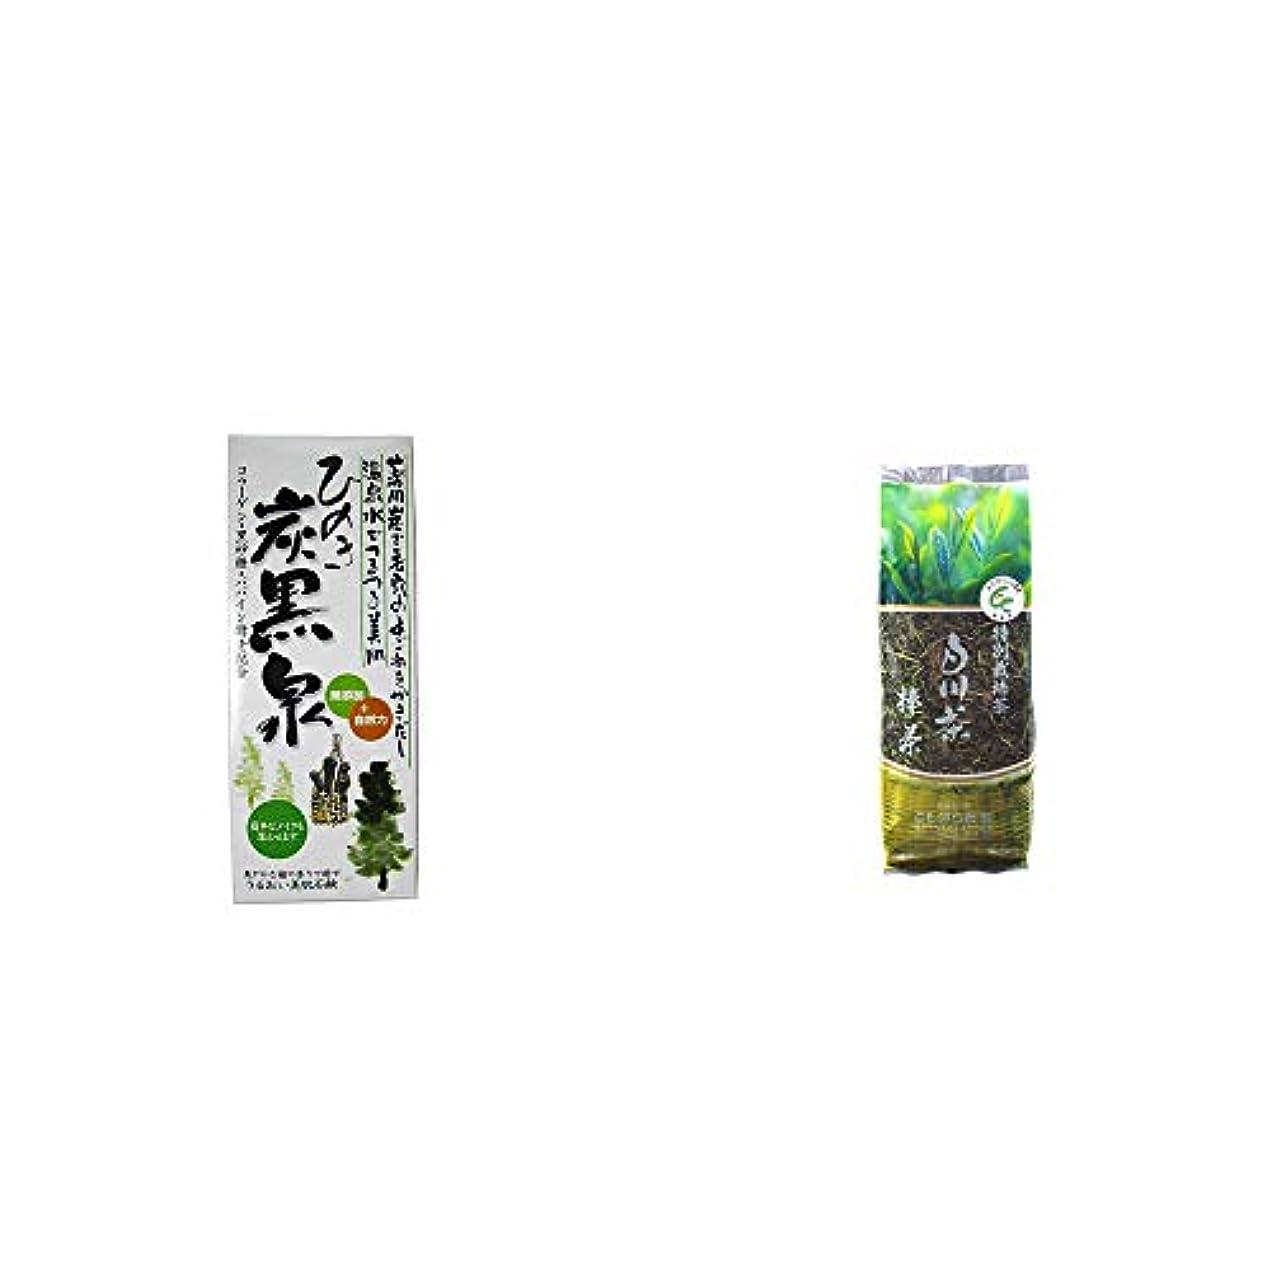 倒錯量で濃度[2点セット] ひのき炭黒泉 箱入り(75g×3)?白川茶 特別栽培茶【棒茶】(150g)